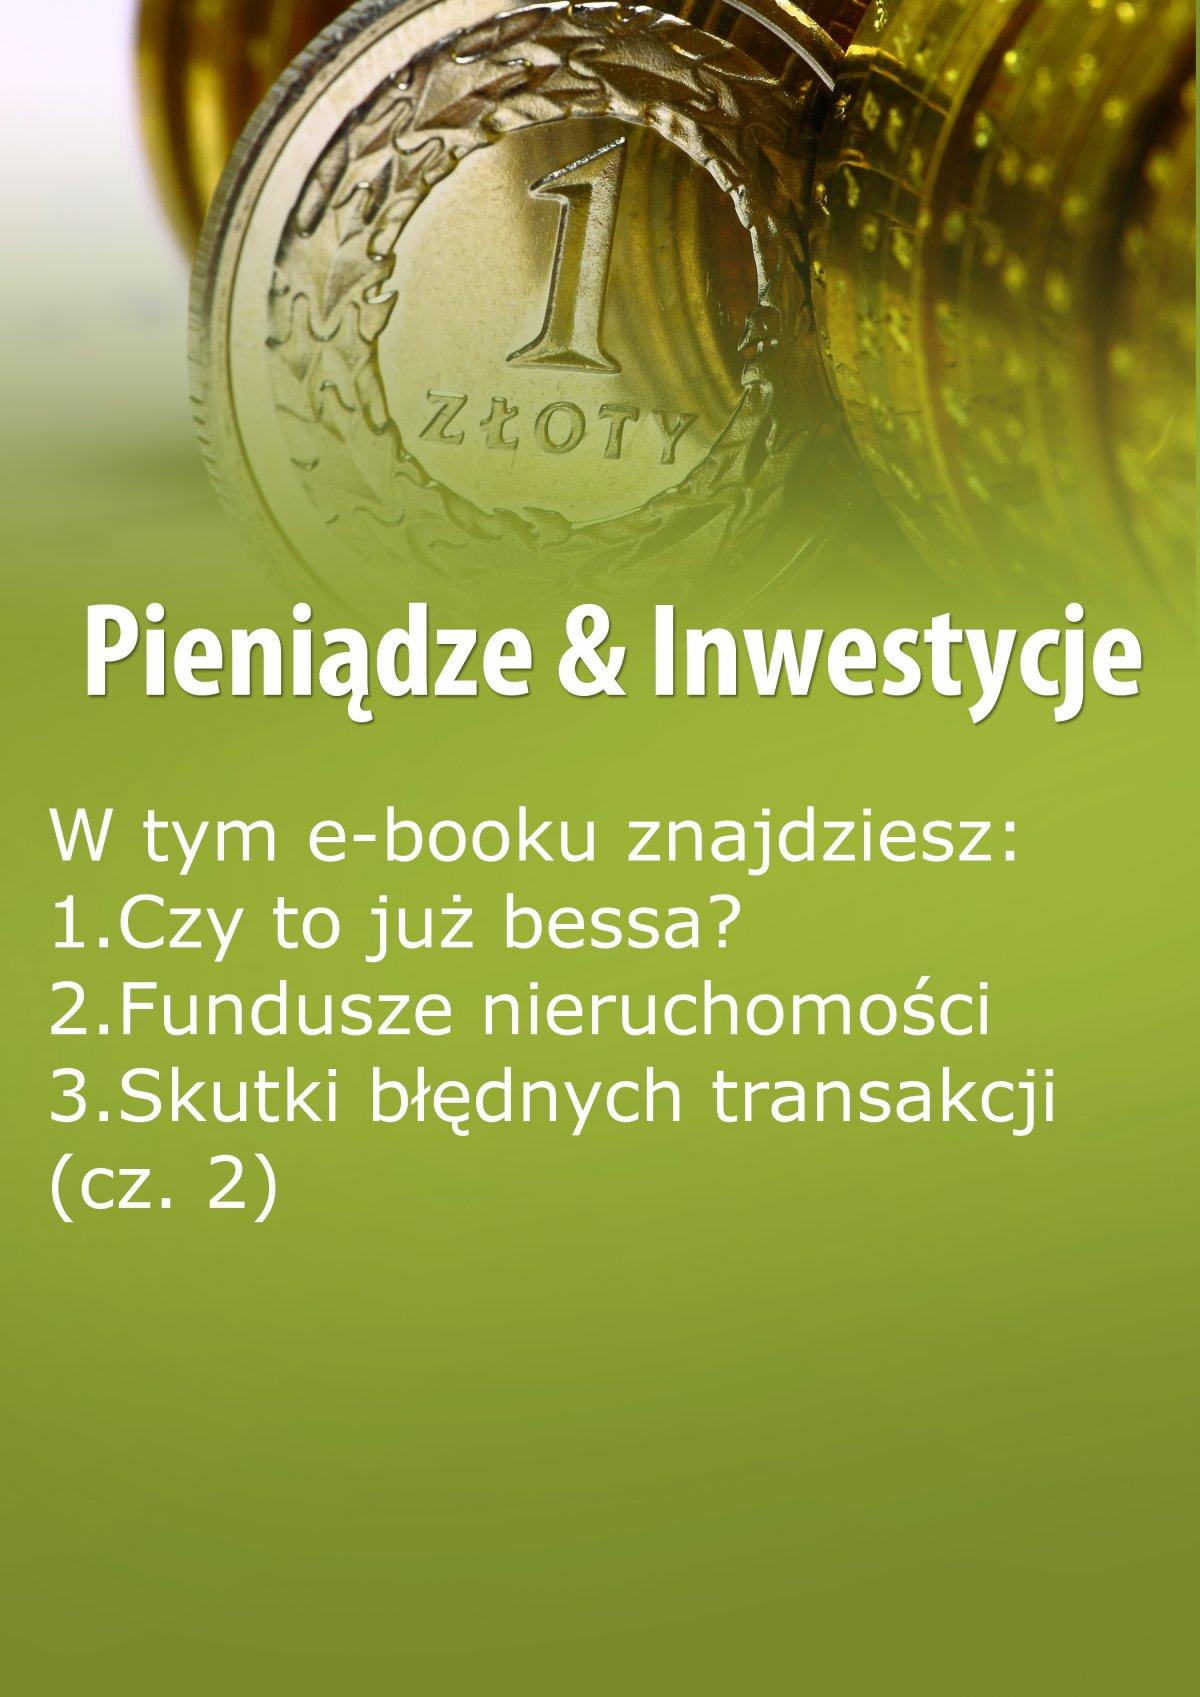 Pieniądze & Inwestycje, wydanie wrzesień-październik 2015 r. - Ebook (Książka EPUB) do pobrania w formacie EPUB